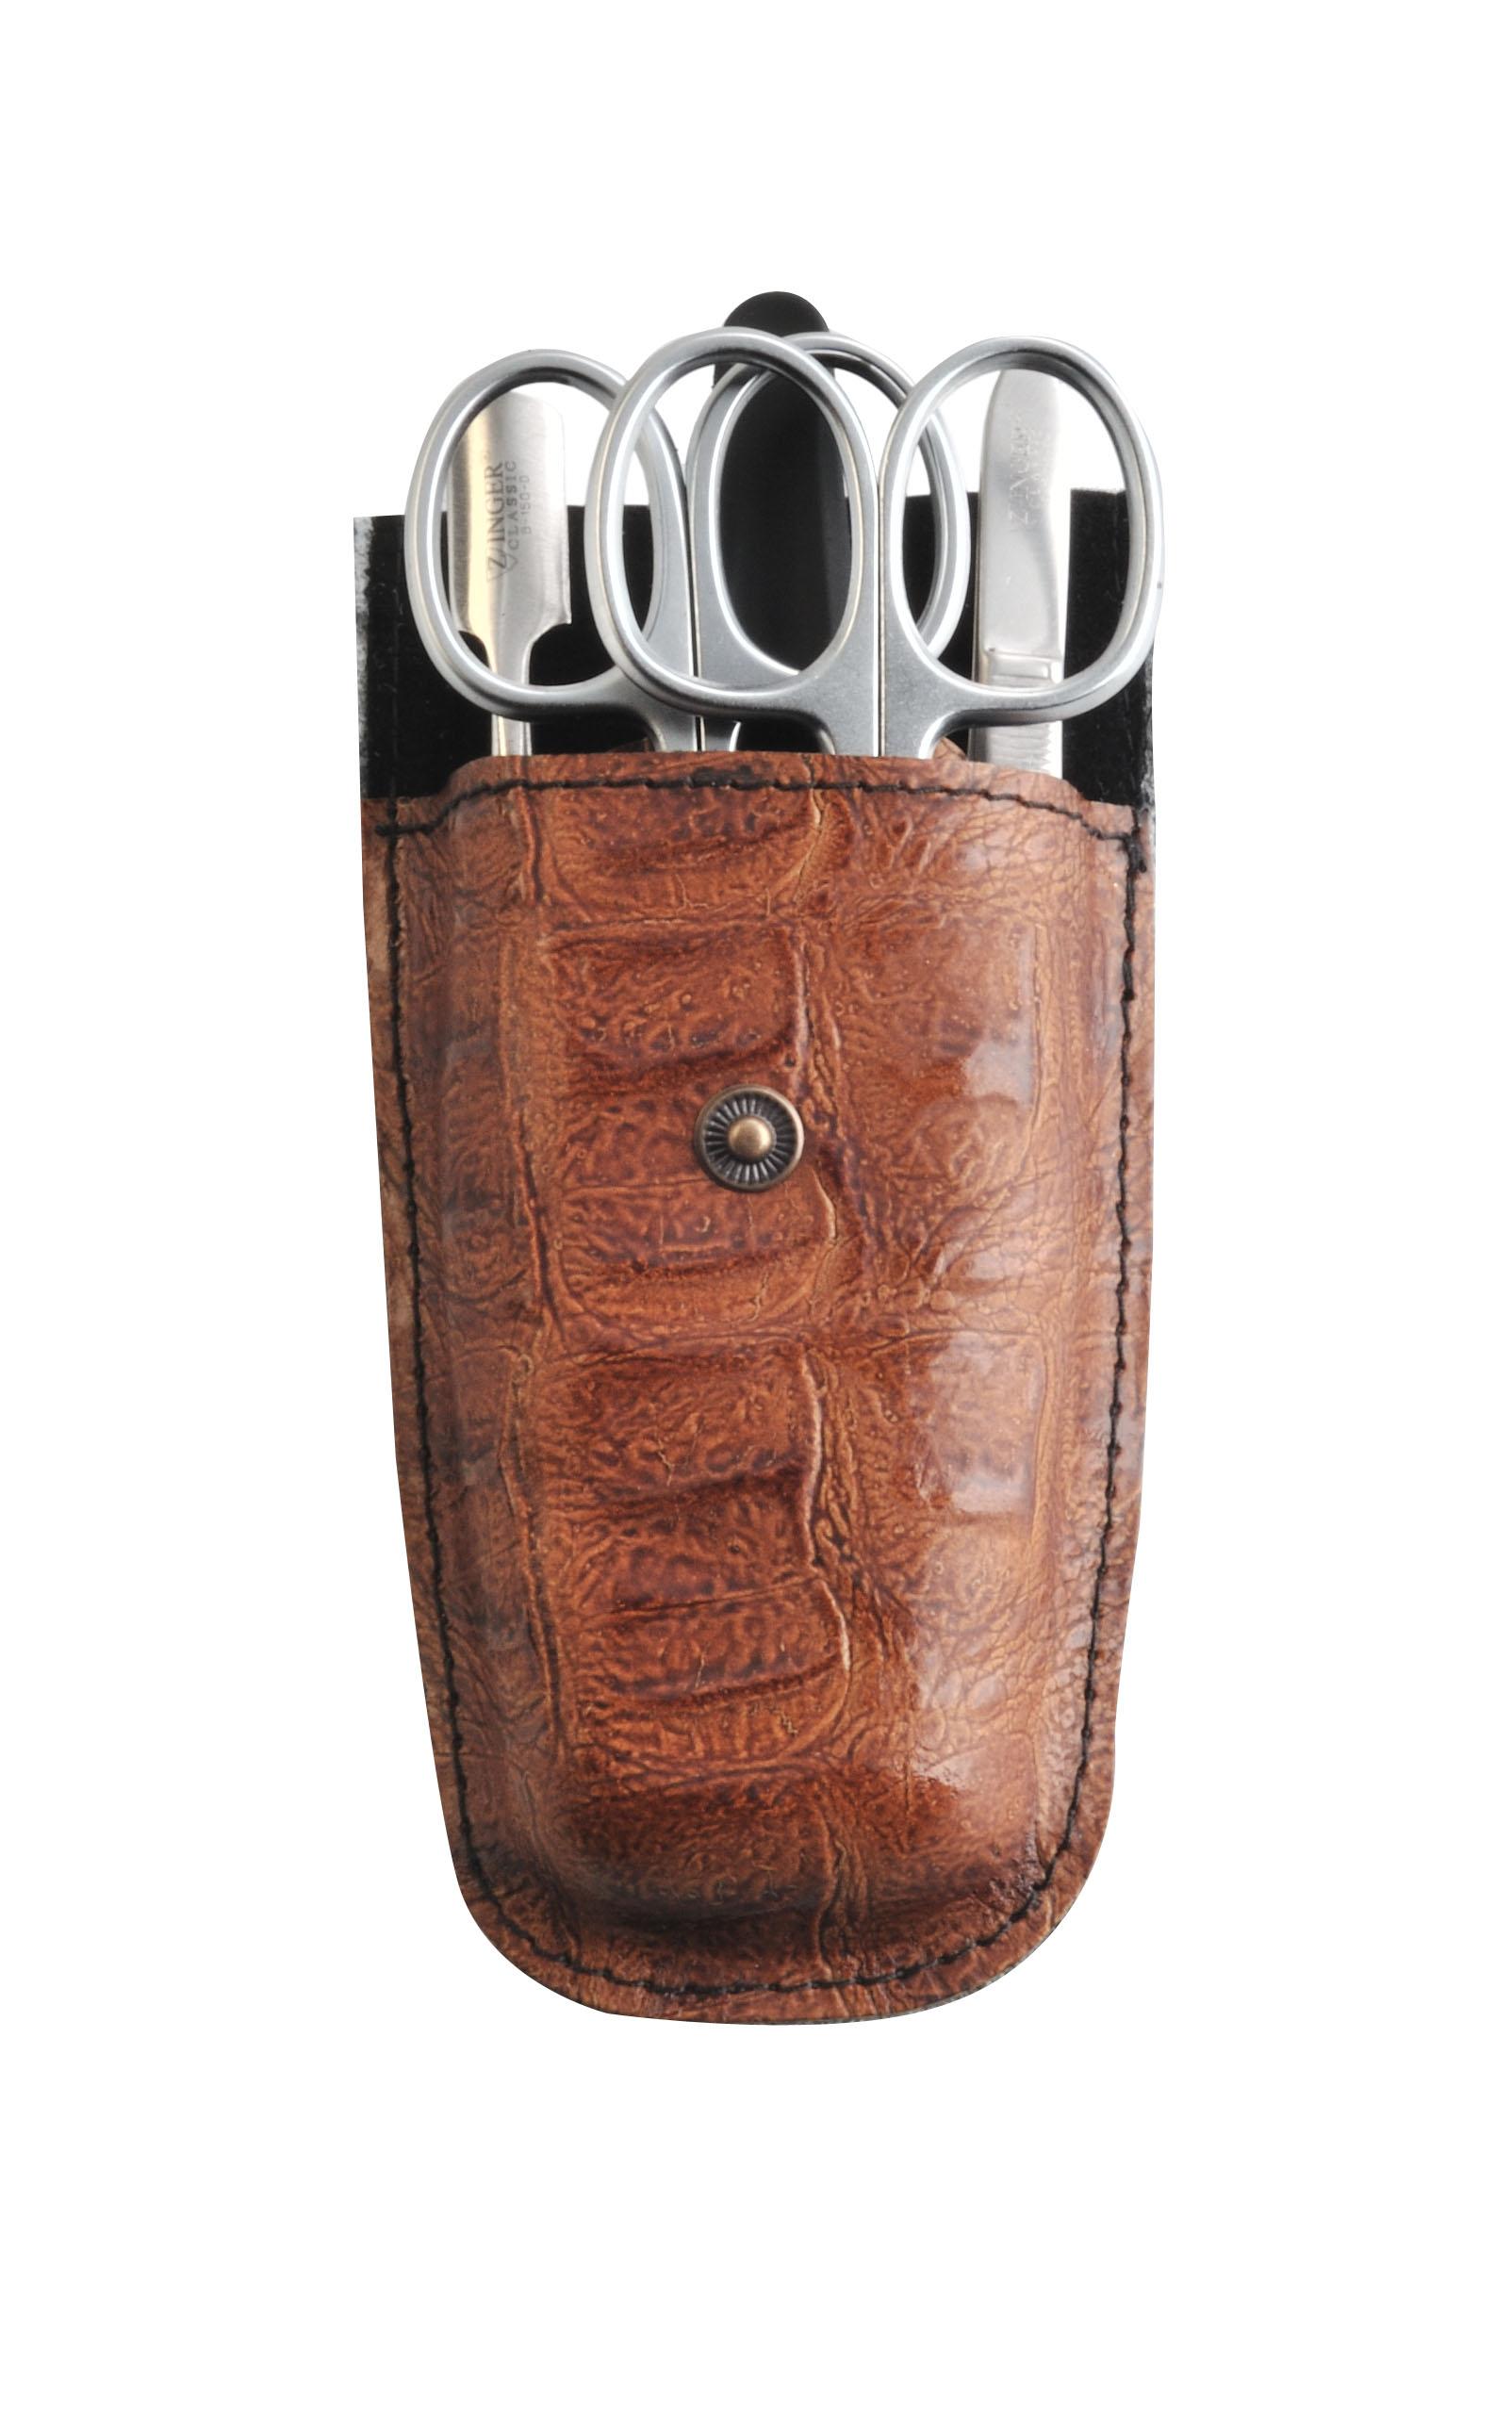 Zinger Маникюрный набор zMs Z-5-SM-SF13069Ман. набор 5 предметов (ножницы кутикульные, ножницы ногтевые, пилка алмазная, металлический двусторонний шабер , пинцет). Чехол натуральная кожа. Цвет инструментов - матовое серебро. Оригинальня фирменная коробкаКак ухаживать за ногтями: советы эксперта. Статья OZON Гид